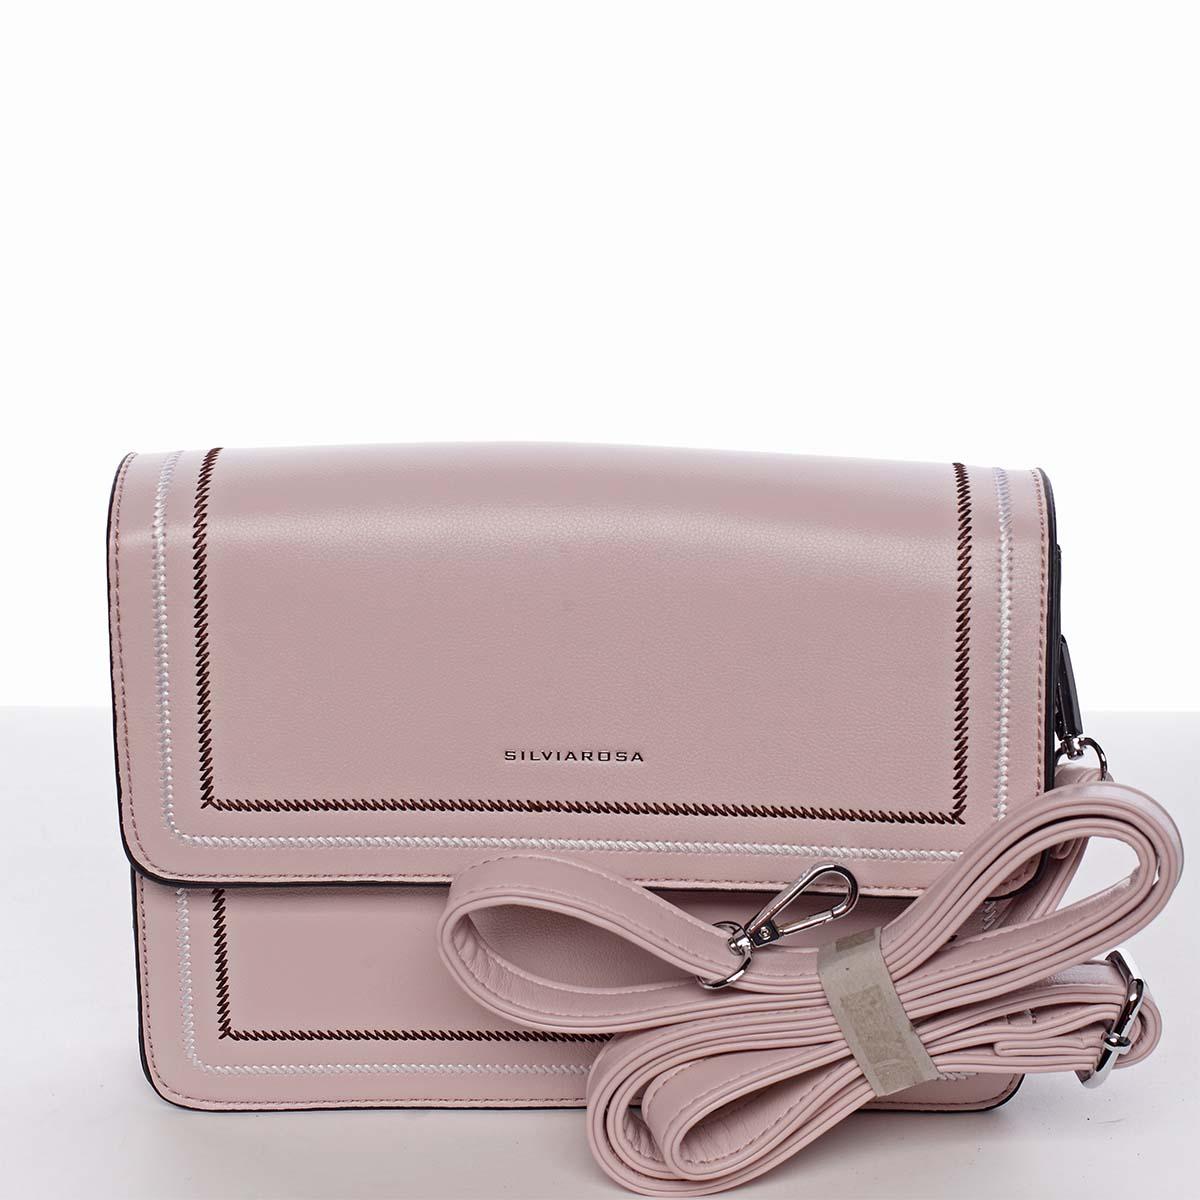 Originálna elegantná crossbody kabelka svetloružová - Silvia Rosa Cielo ružová